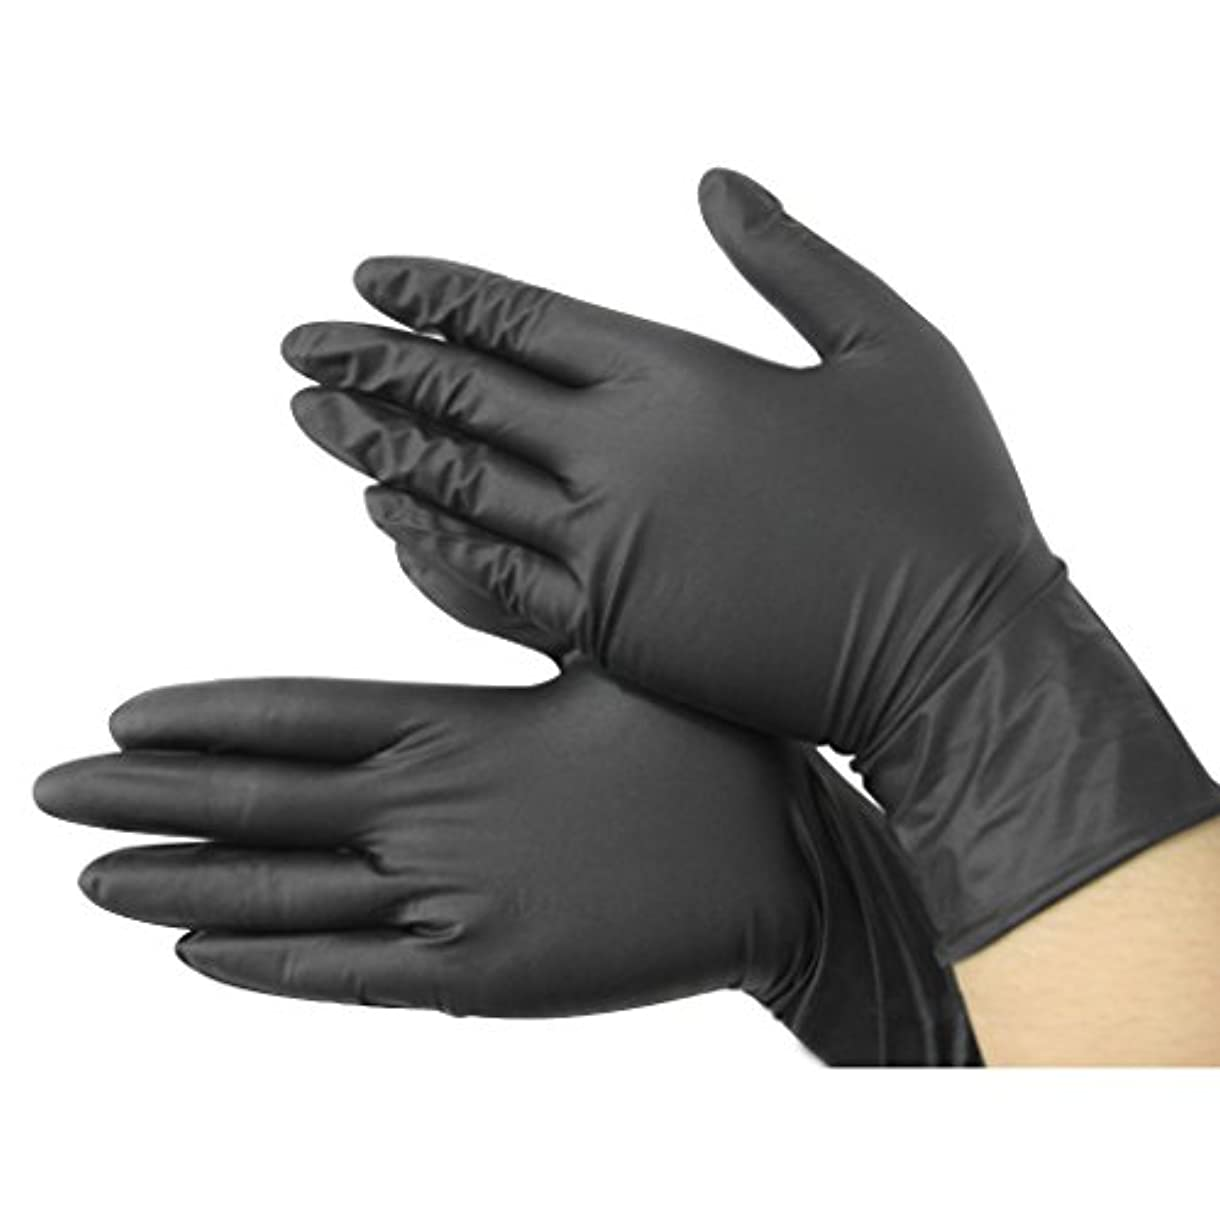 広げる助手麻痺Gaoominy 黒いニトリル使い捨てクール手袋 パワーフリーX100 - 入れ墨 - メカニック 新しい